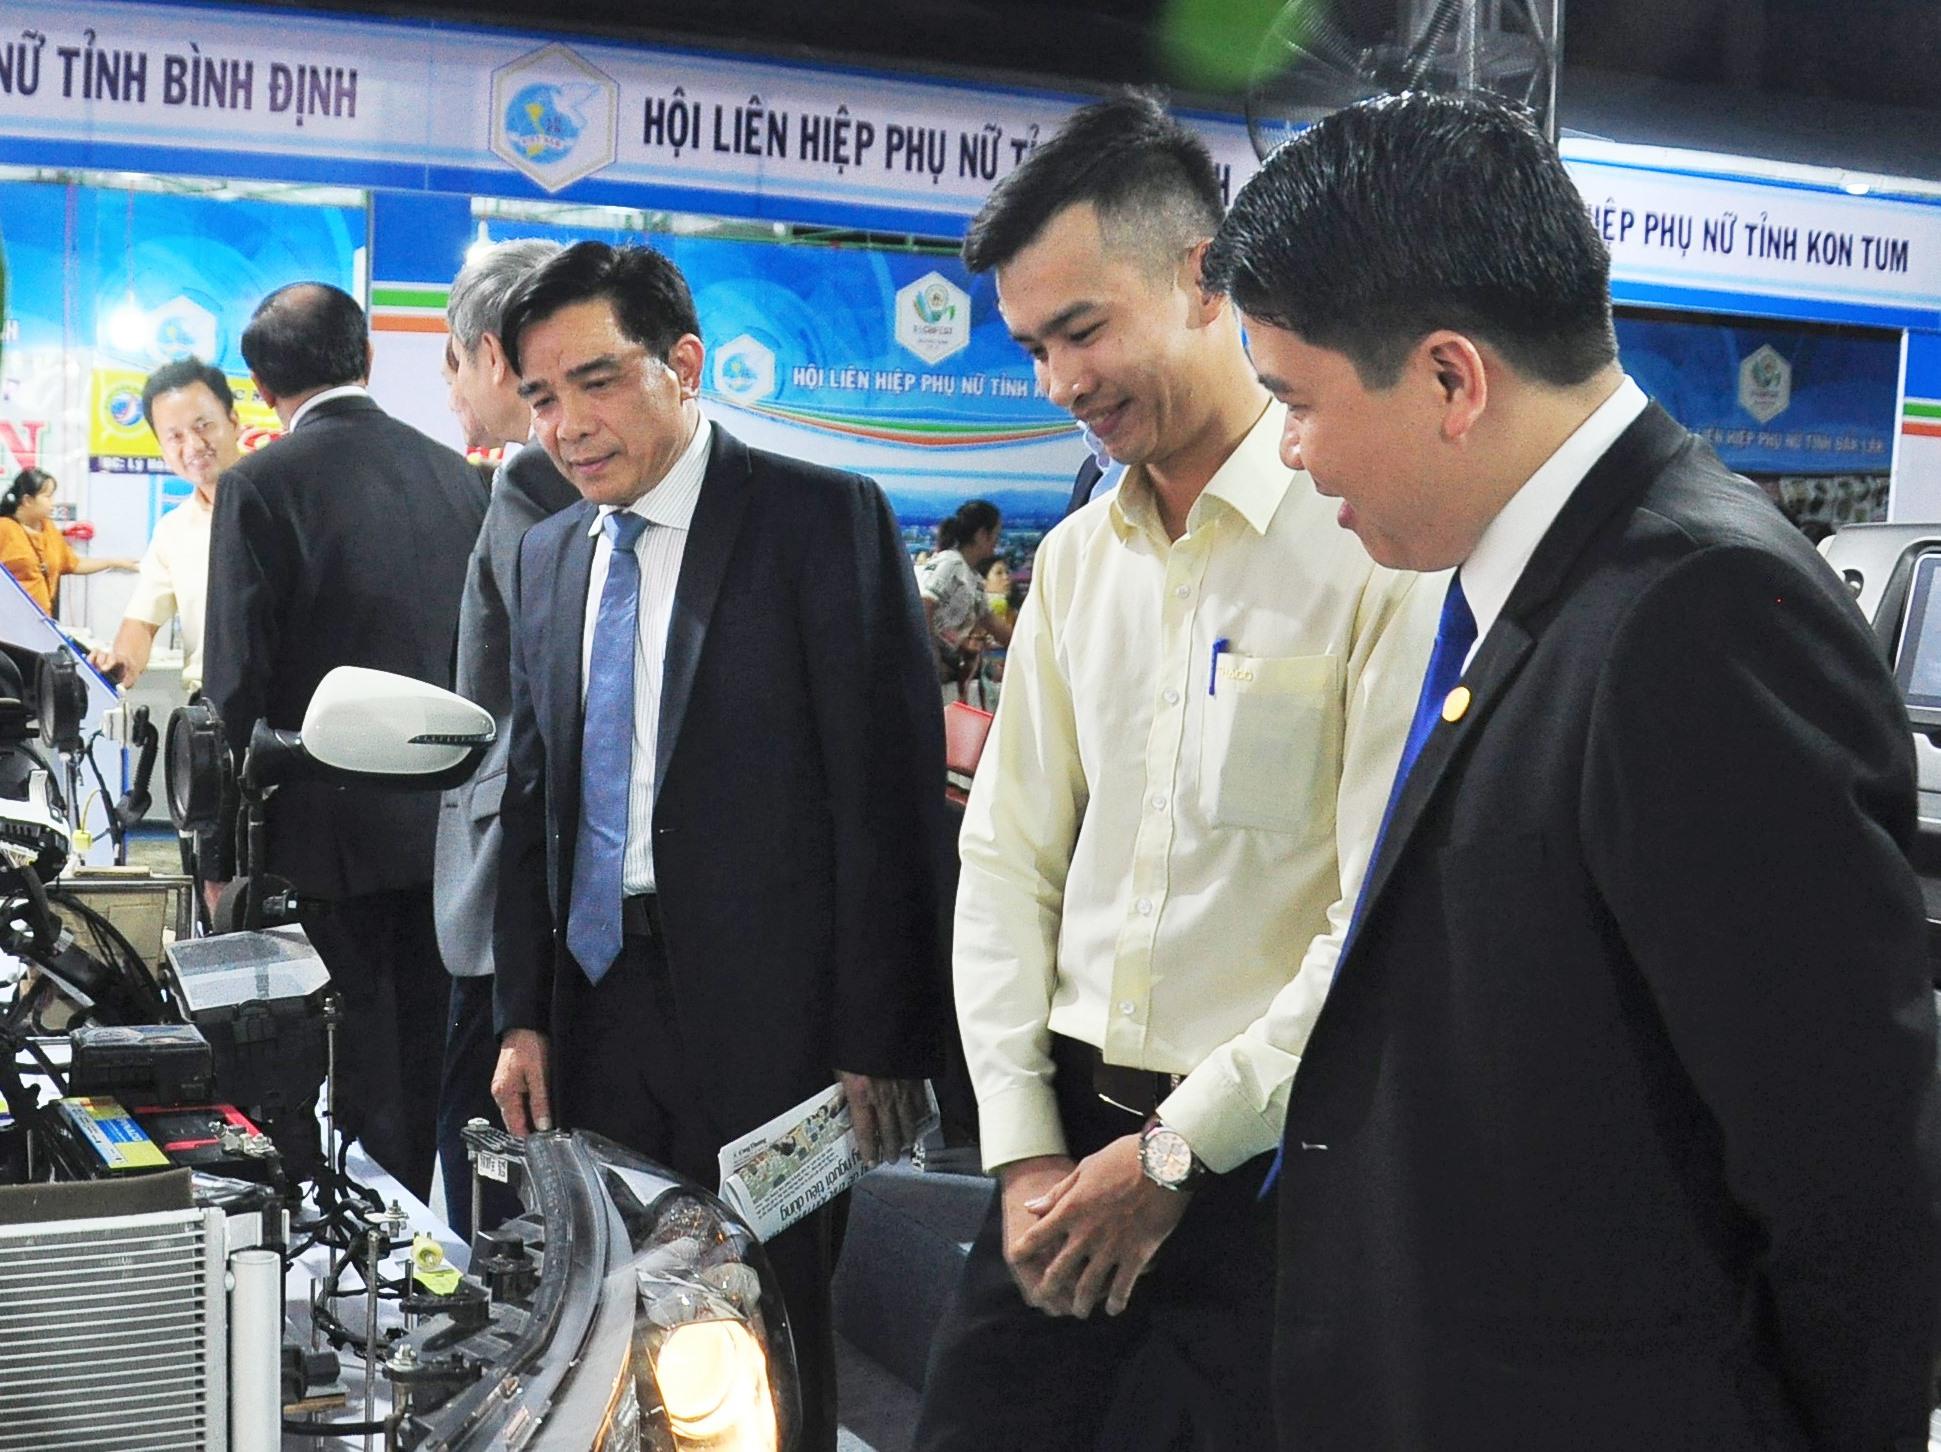 Đại biểu tham quan các gian trưng bày tại sự kiện TechFest Quang Nam 2019. Ảnh: V.A